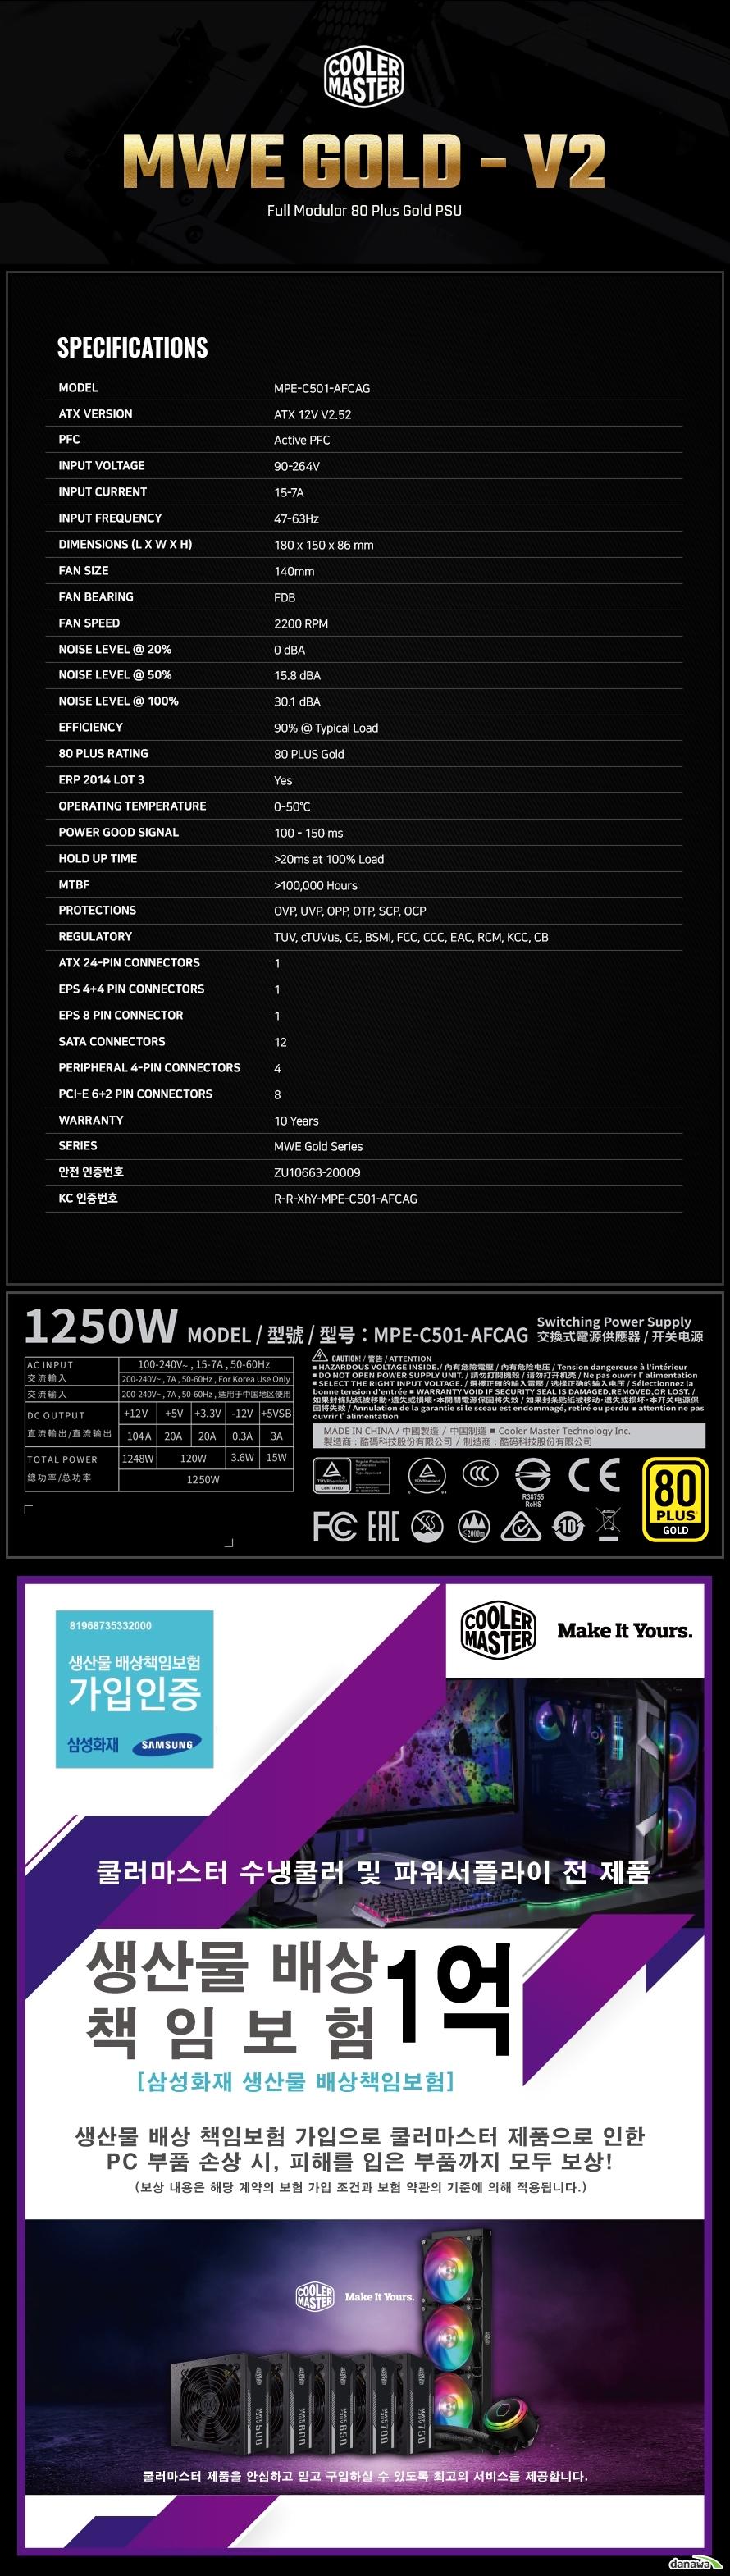 쿨러마스터 MWE GOLD 1250 V2 FULL MODULAR